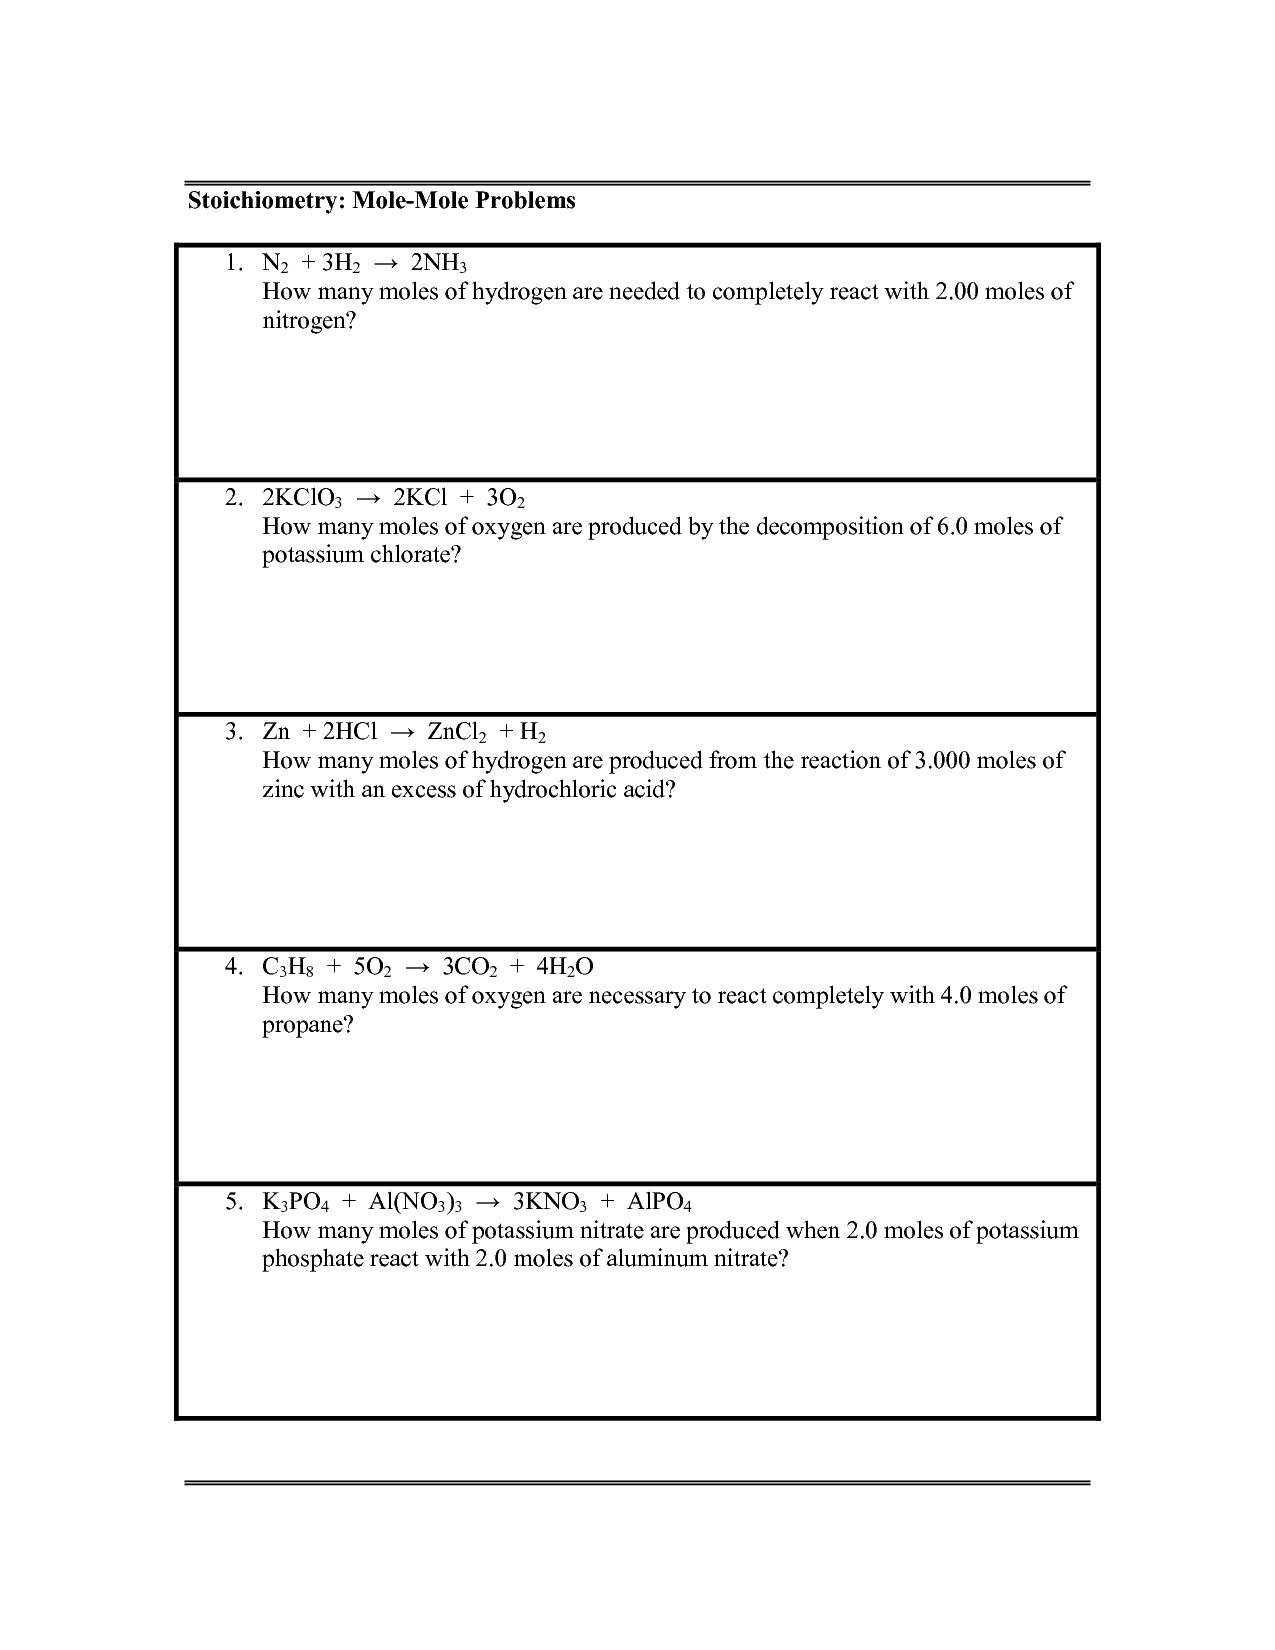 Mole To Mole Worksheet